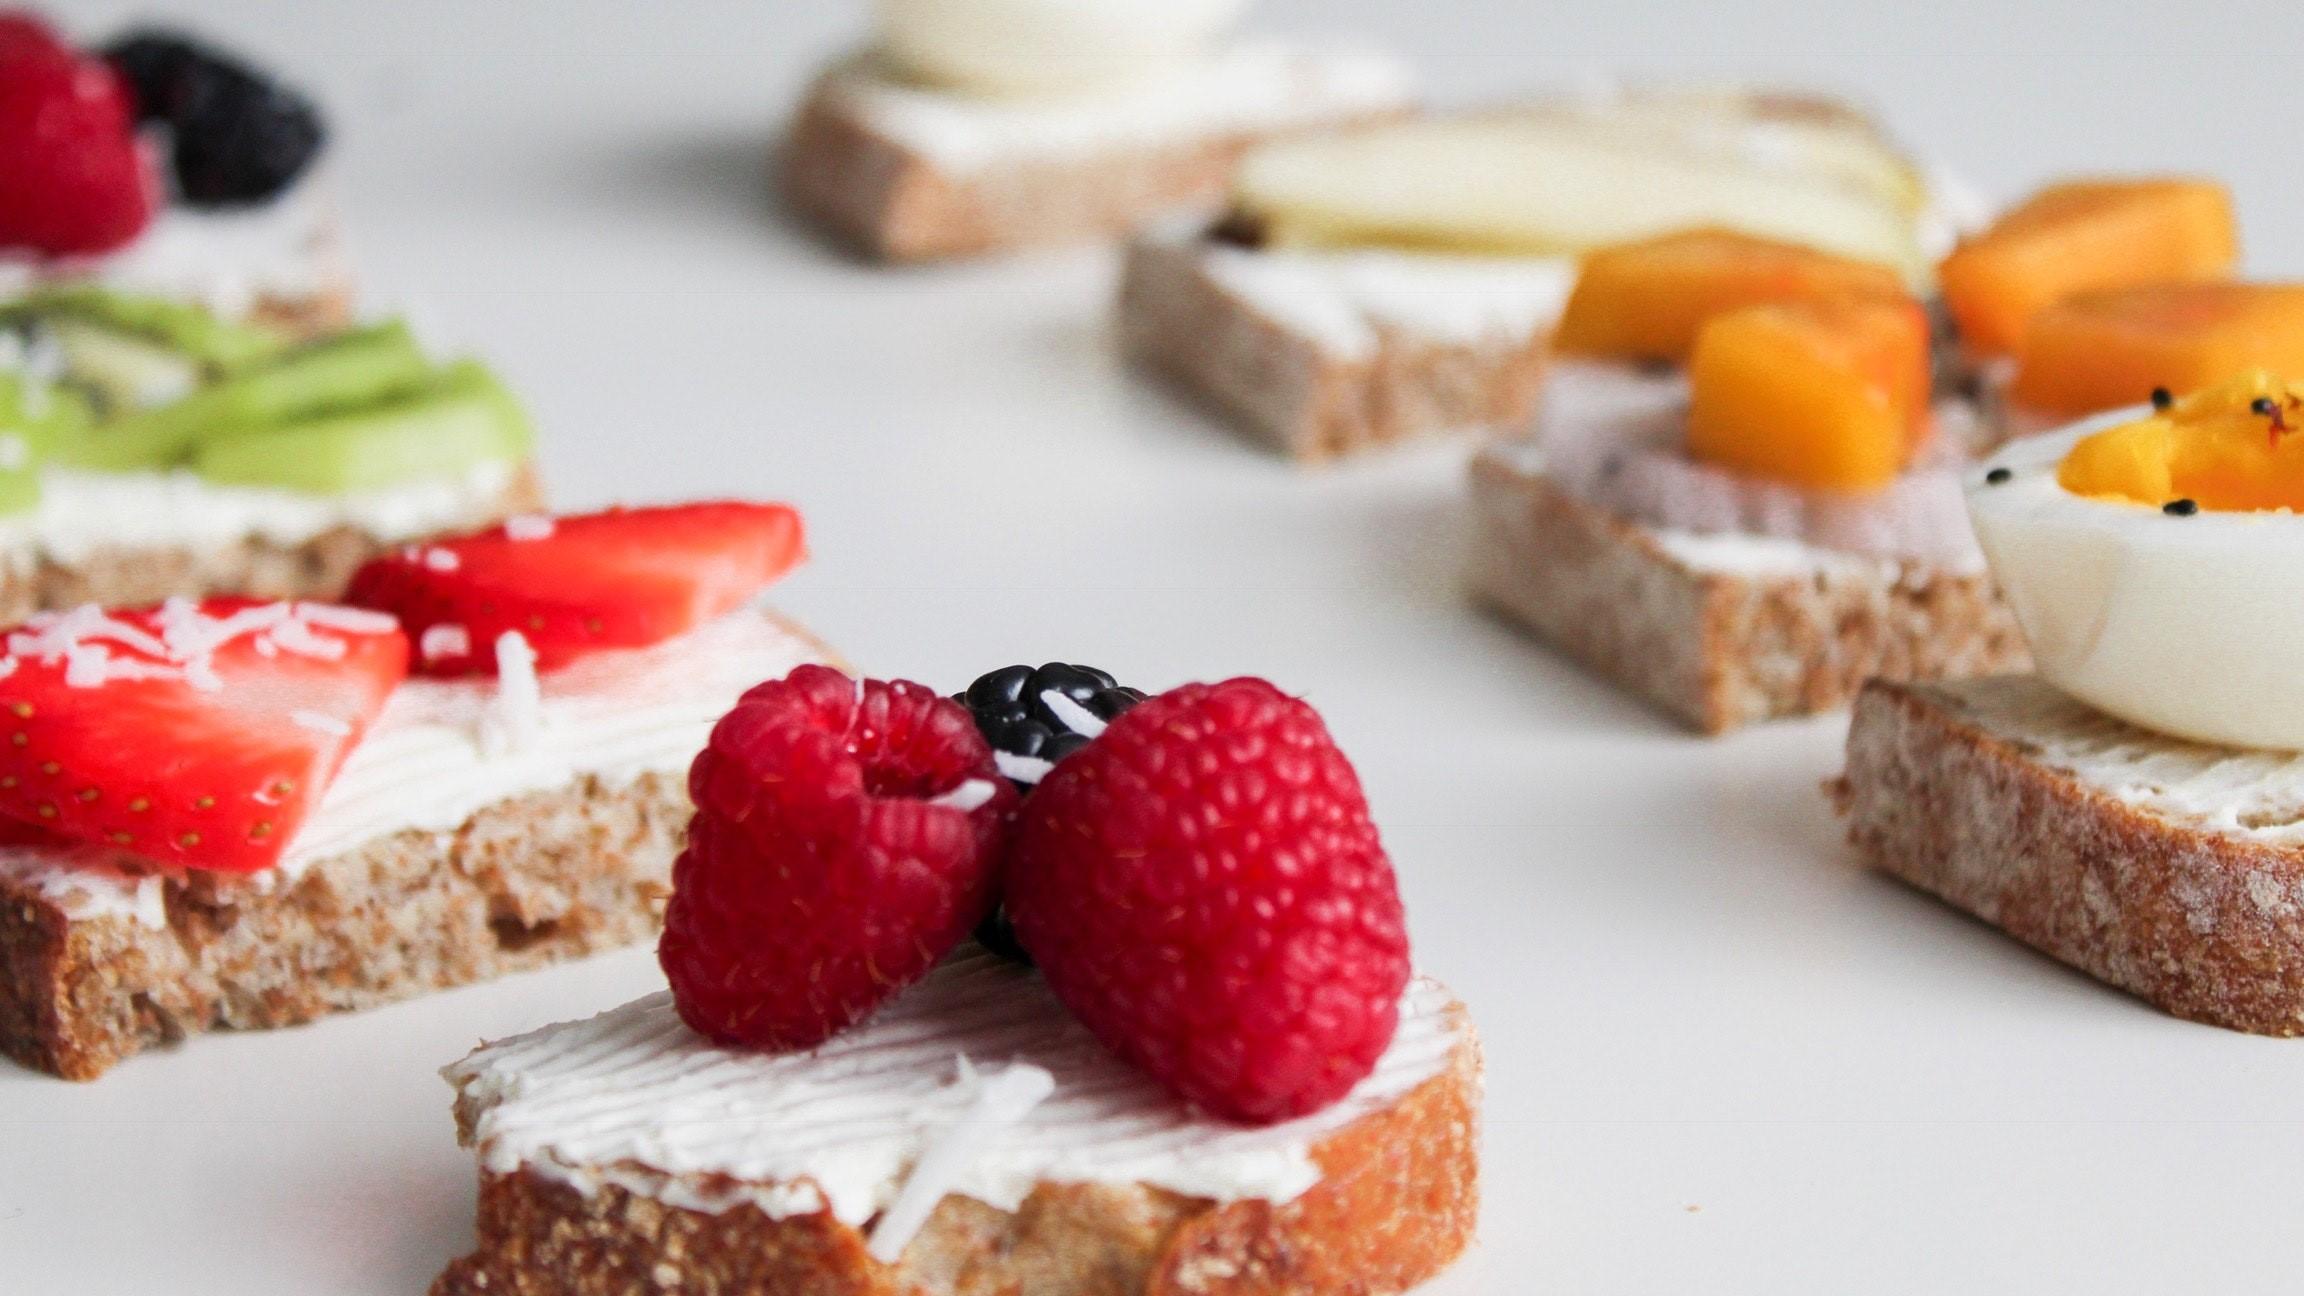 Voeding voor constante bloedsuikerspiegel